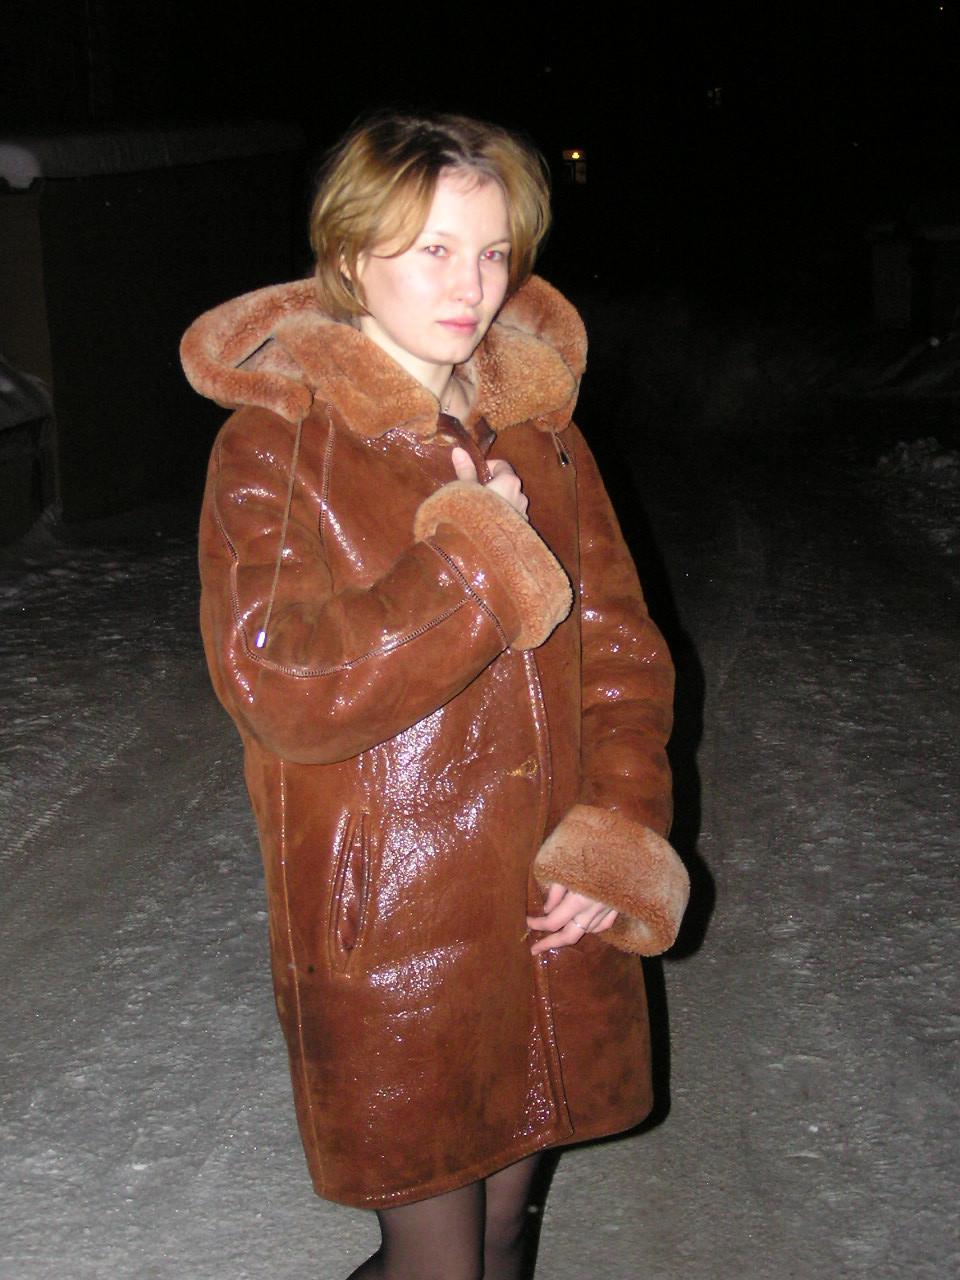 Сибирячка без комплексов светит пиздой и сиськами на улице